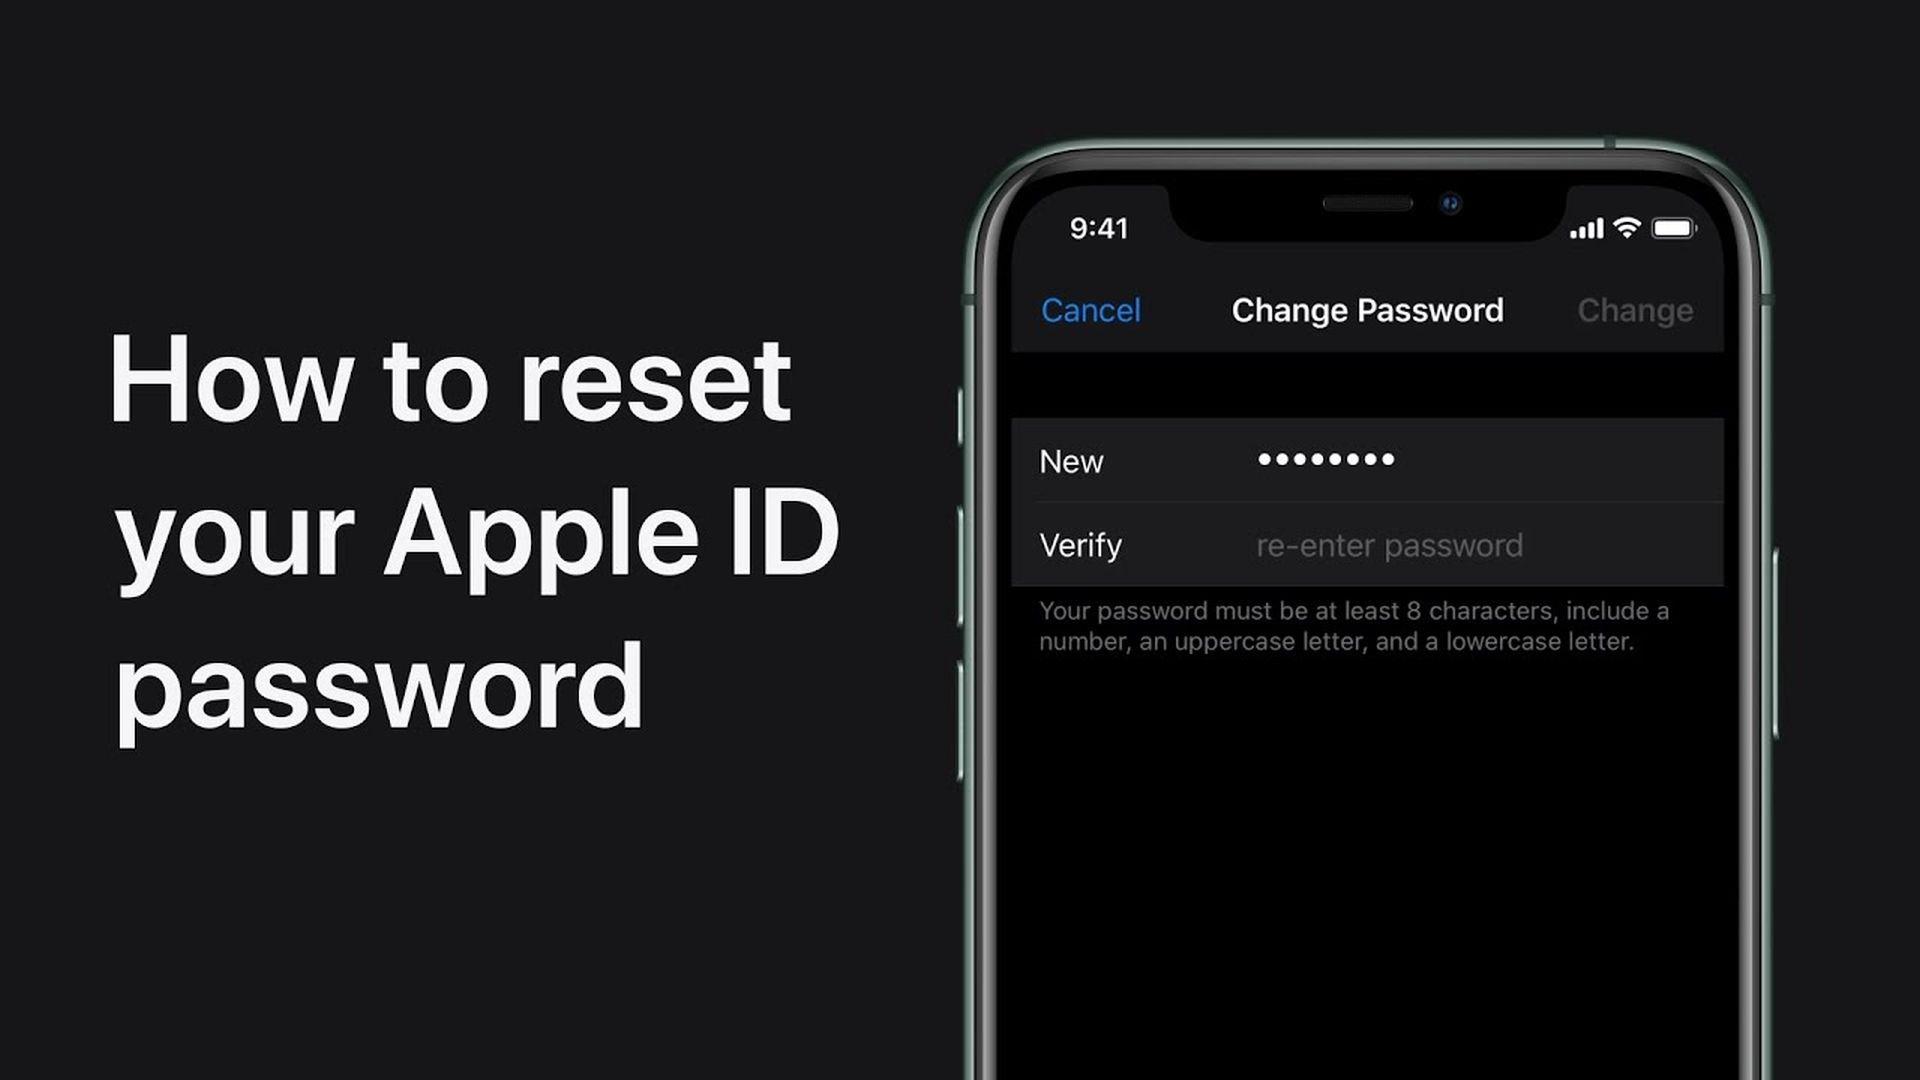 Poradnik Apple: Jak zresetować hasło Apple ID w iPhonie